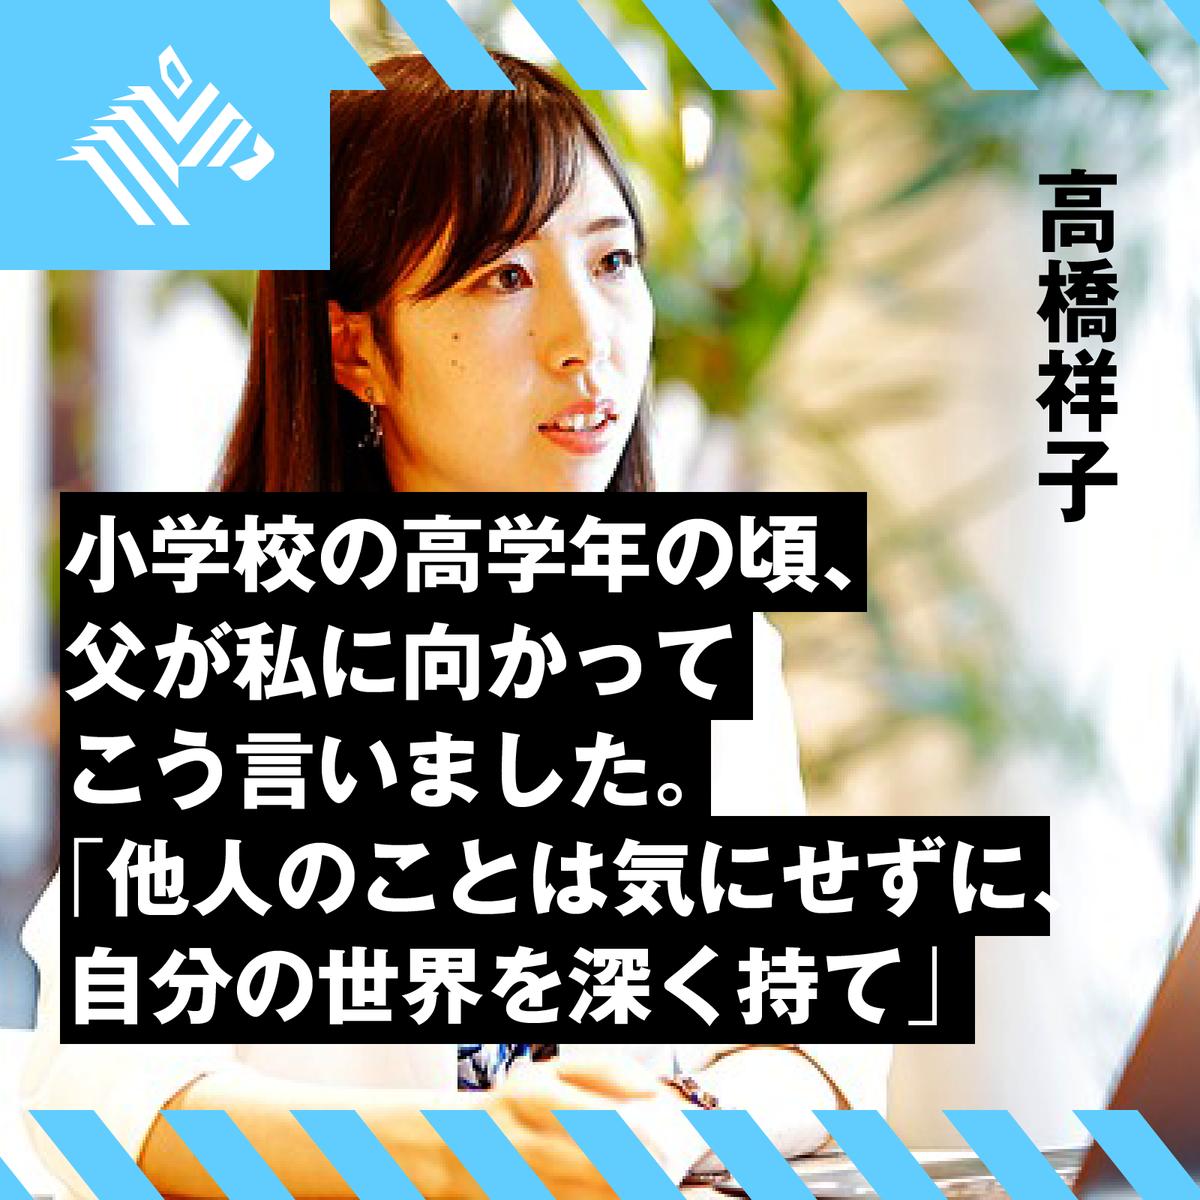 📕今日の学び📕「他人のことは気にせずに、自分の世界を深く持て」ジーンクエスト代表・高橋祥子さんの支えになった言葉を紹介します。インタビュー全文(2019)を読む 👉